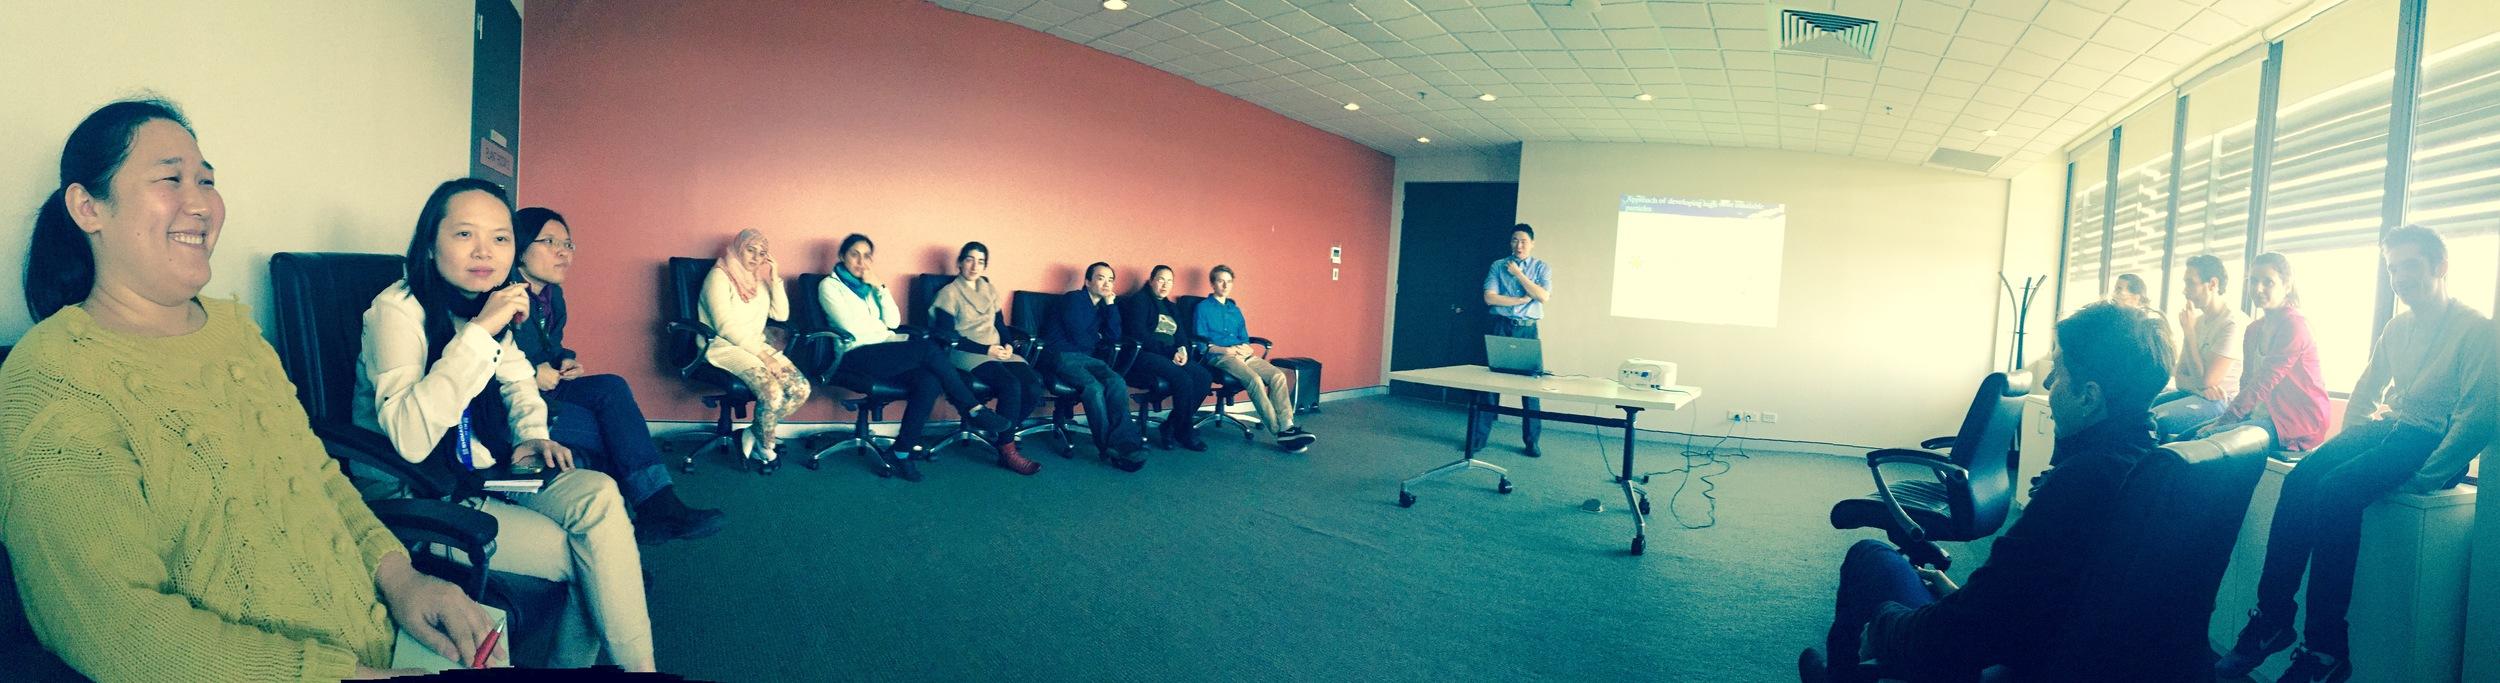 Group Meeting June 2015.jpg